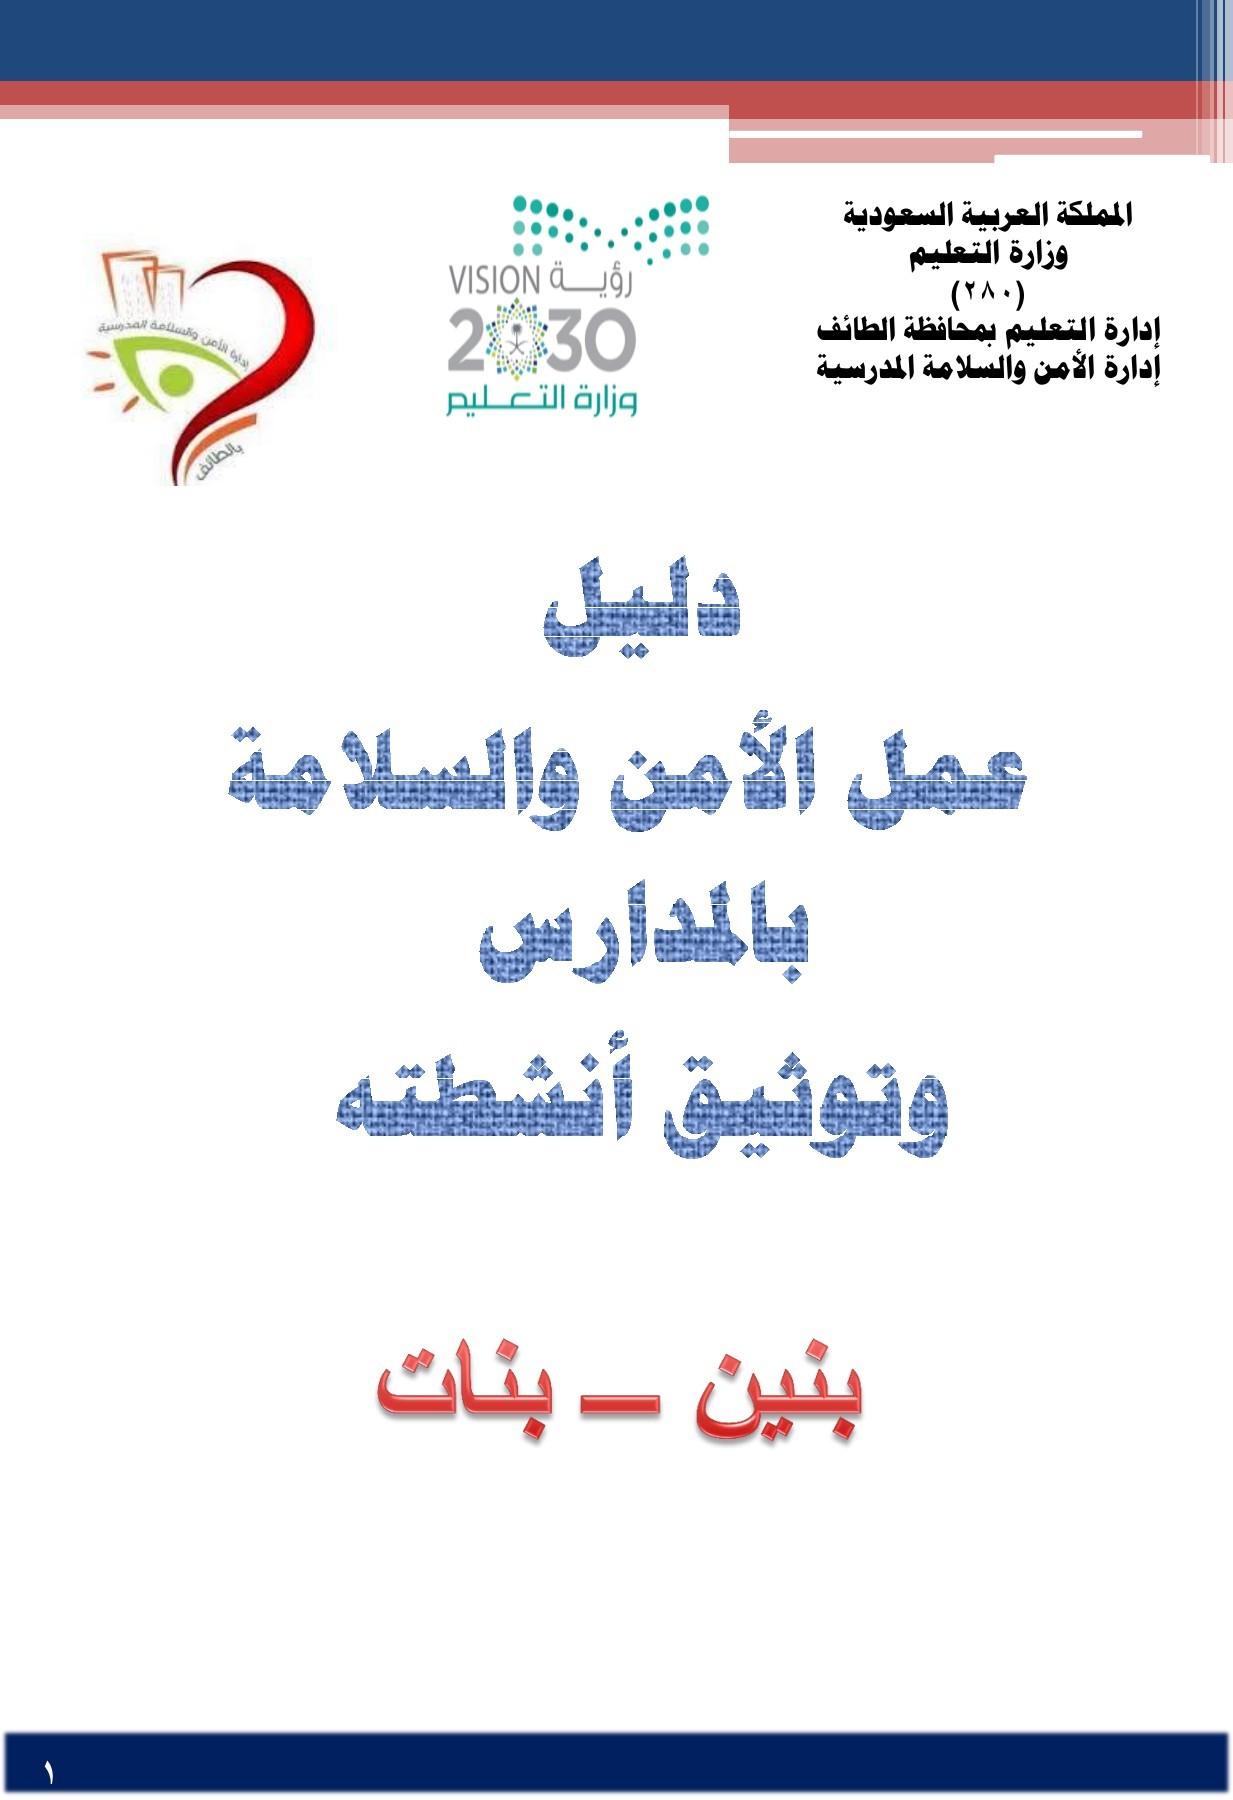 دليل عمل الأمن والسلامة بالمدارس وتوثيق أنشطته Pages 1 50 Text